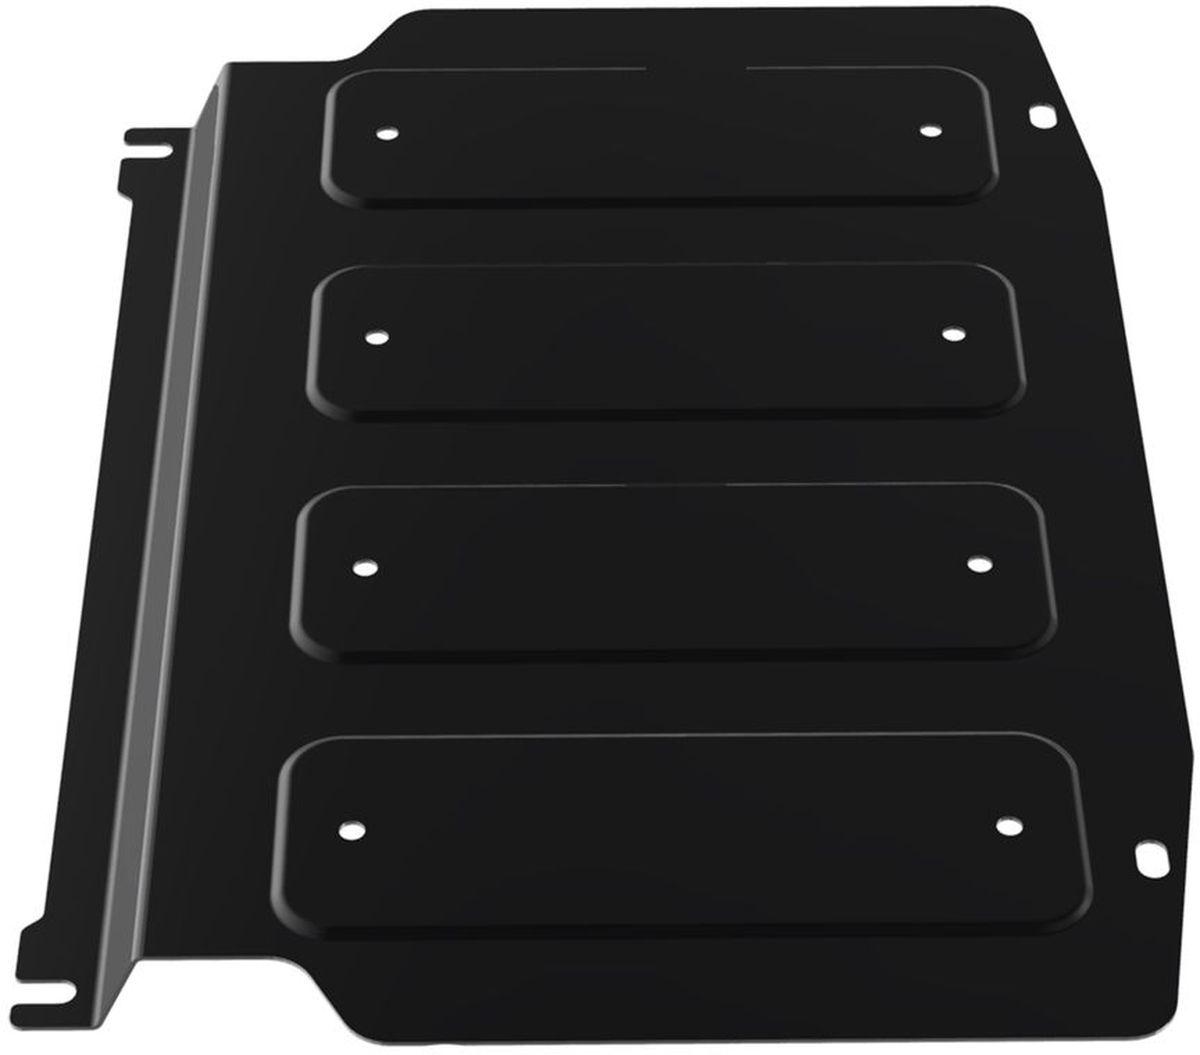 Защита картера и КПП Автоброня, для Mitsubishi Pajero III/Pajero IV. 111.04003.2RC-100BWCТехнологически совершенный продукт за невысокую стоимость.Защита разработана с учетом особенностей днища автомобиля, что позволяет сохранить дорожный просвет с минимальным изменением.Защита устанавливается в штатные места кузова автомобиля. Глубокий штамп обеспечивает до двух раз больше жесткости в сравнении с обычной защитой той же толщины. Проштампованные ребра жесткости препятствуют деформации защиты при ударах.Тепловой зазор и вентиляционные отверстия обеспечивают сохранение температурного режима двигателя в норме. Скрытый крепеж предотвращает срыв крепежных элементов при наезде на препятствие.Шумопоглощающие резиновые элементы обеспечивают комфортную езду без вибраций и скрежета металла, а съемные лючки для слива масла и замены фильтра - экономию средств и время.Конструкция изделия не влияет на пассивную безопасность автомобиля (при ударе защита не воздействует на деформационные зоны кузова). Со штатным крепежом. В комплекте инструкция по установке.Толщина стали: 2 мм.